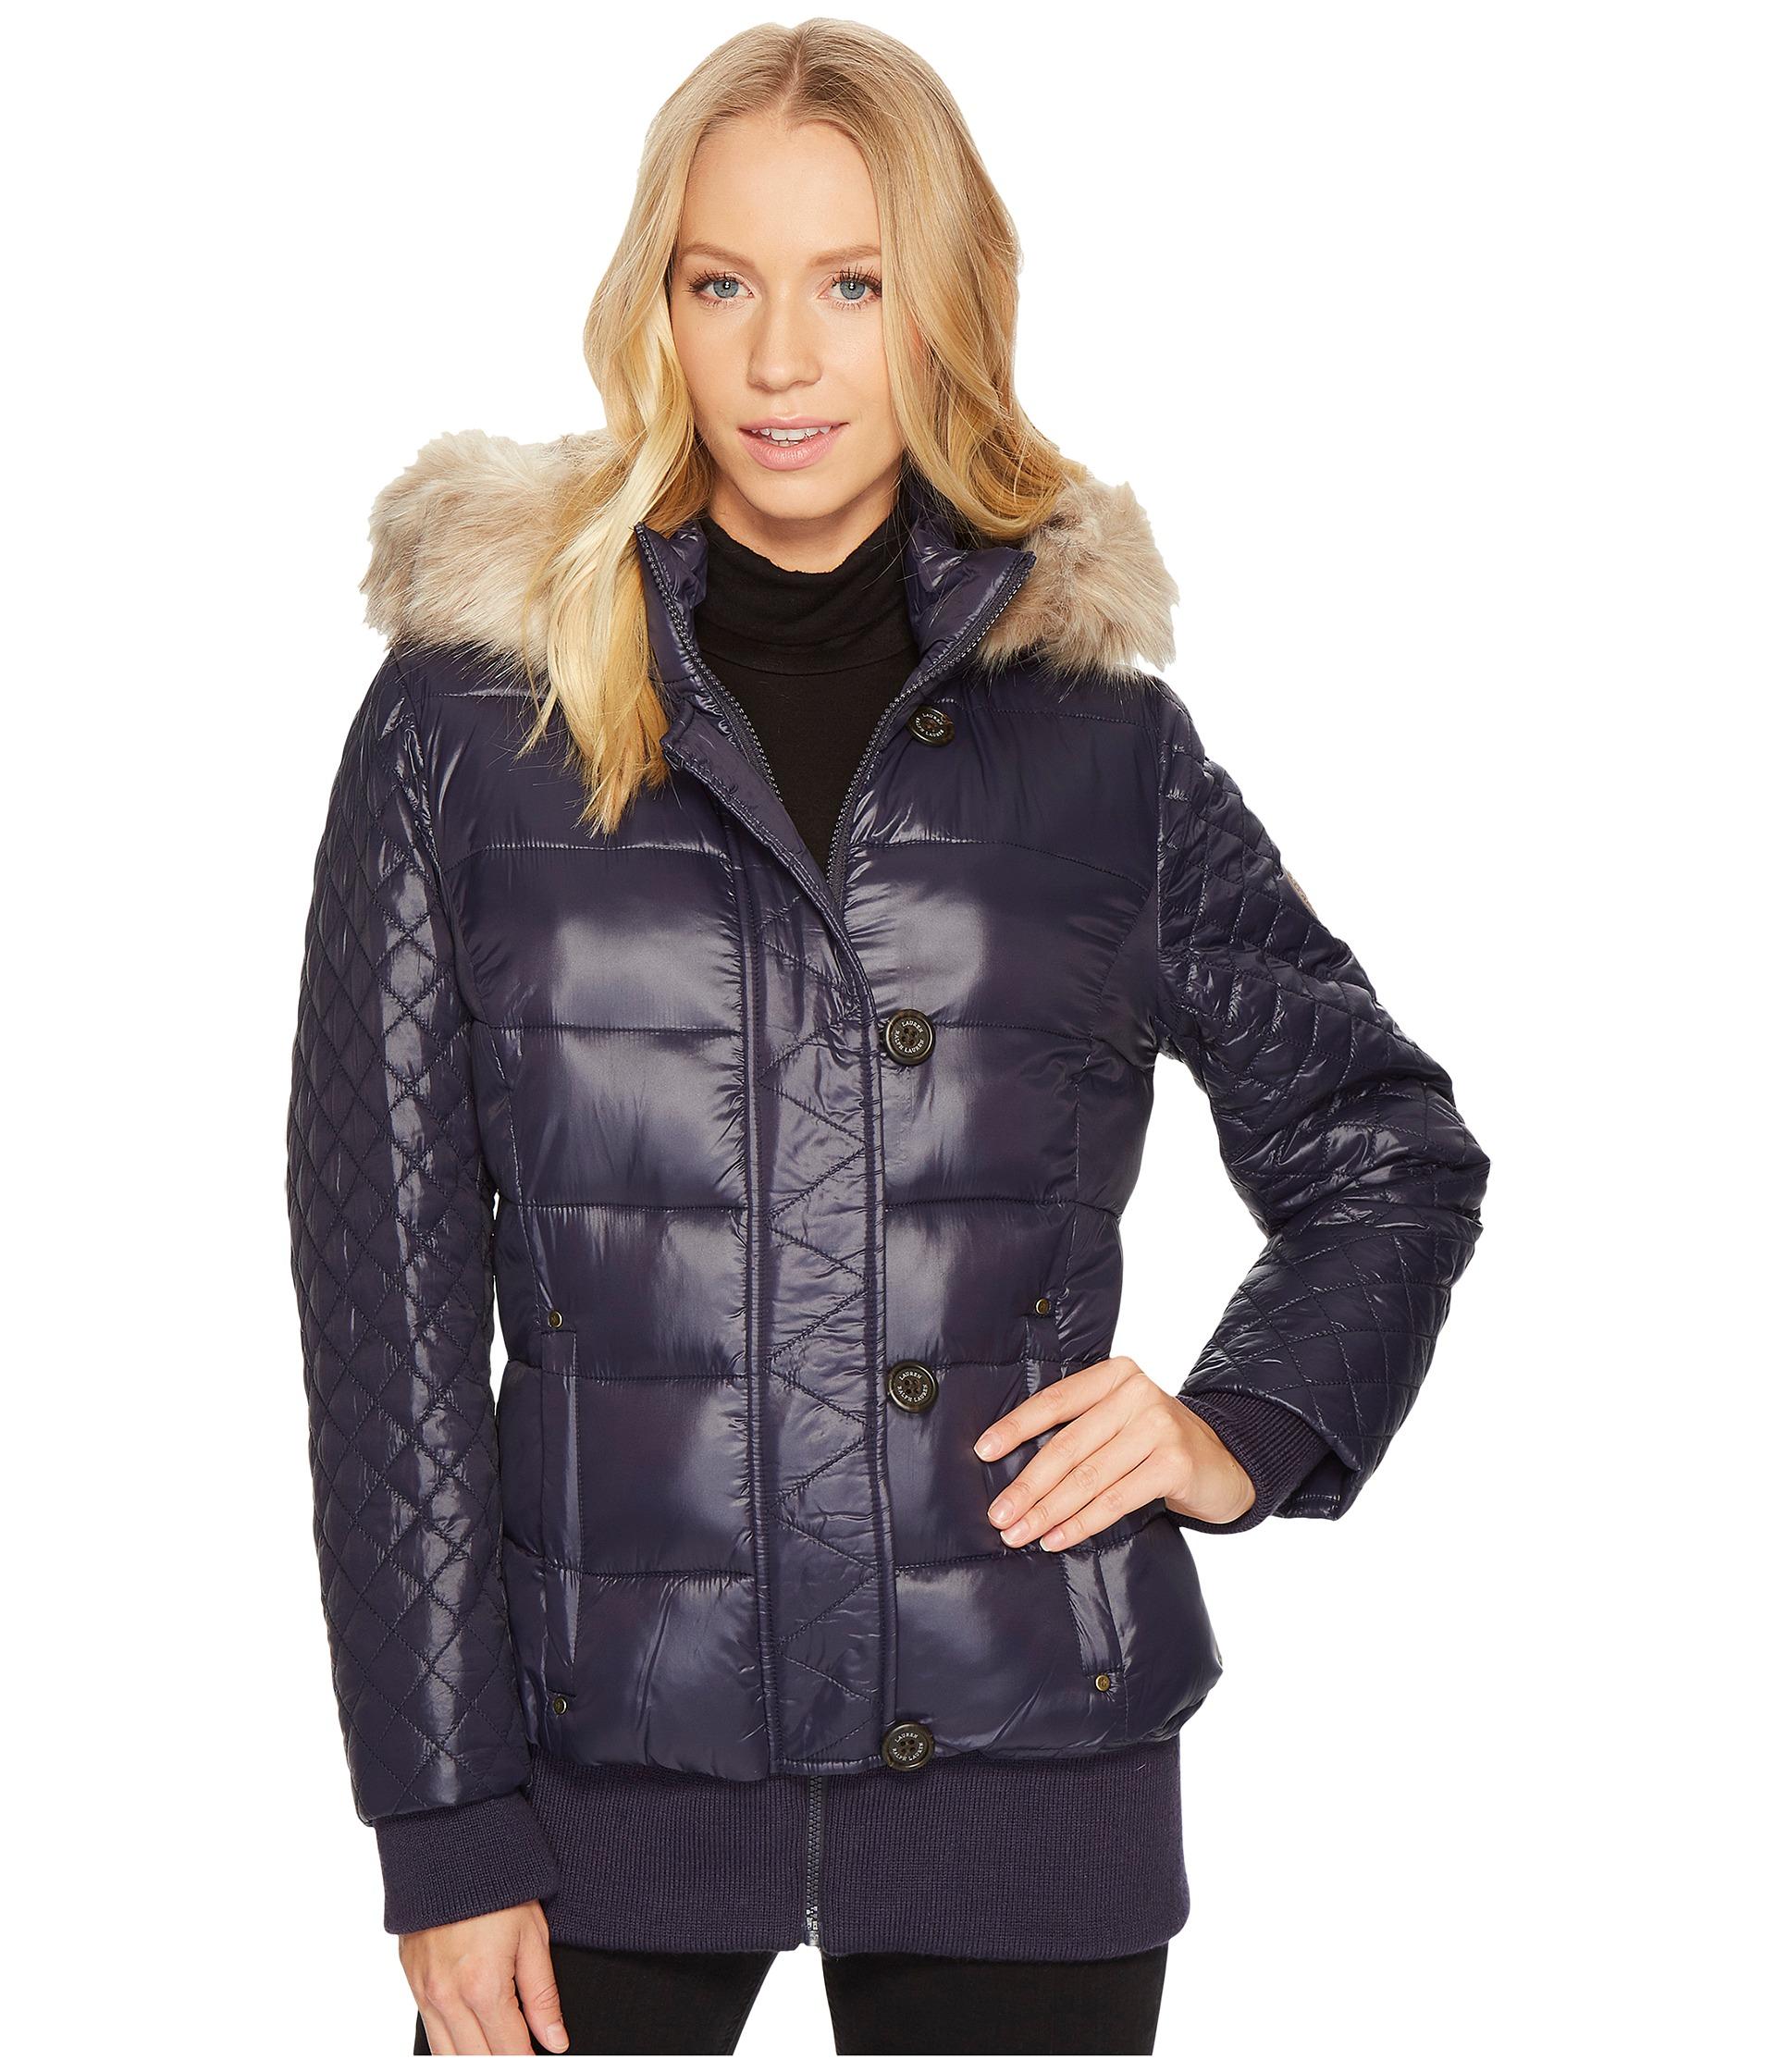 Ralph lauren womens jacket